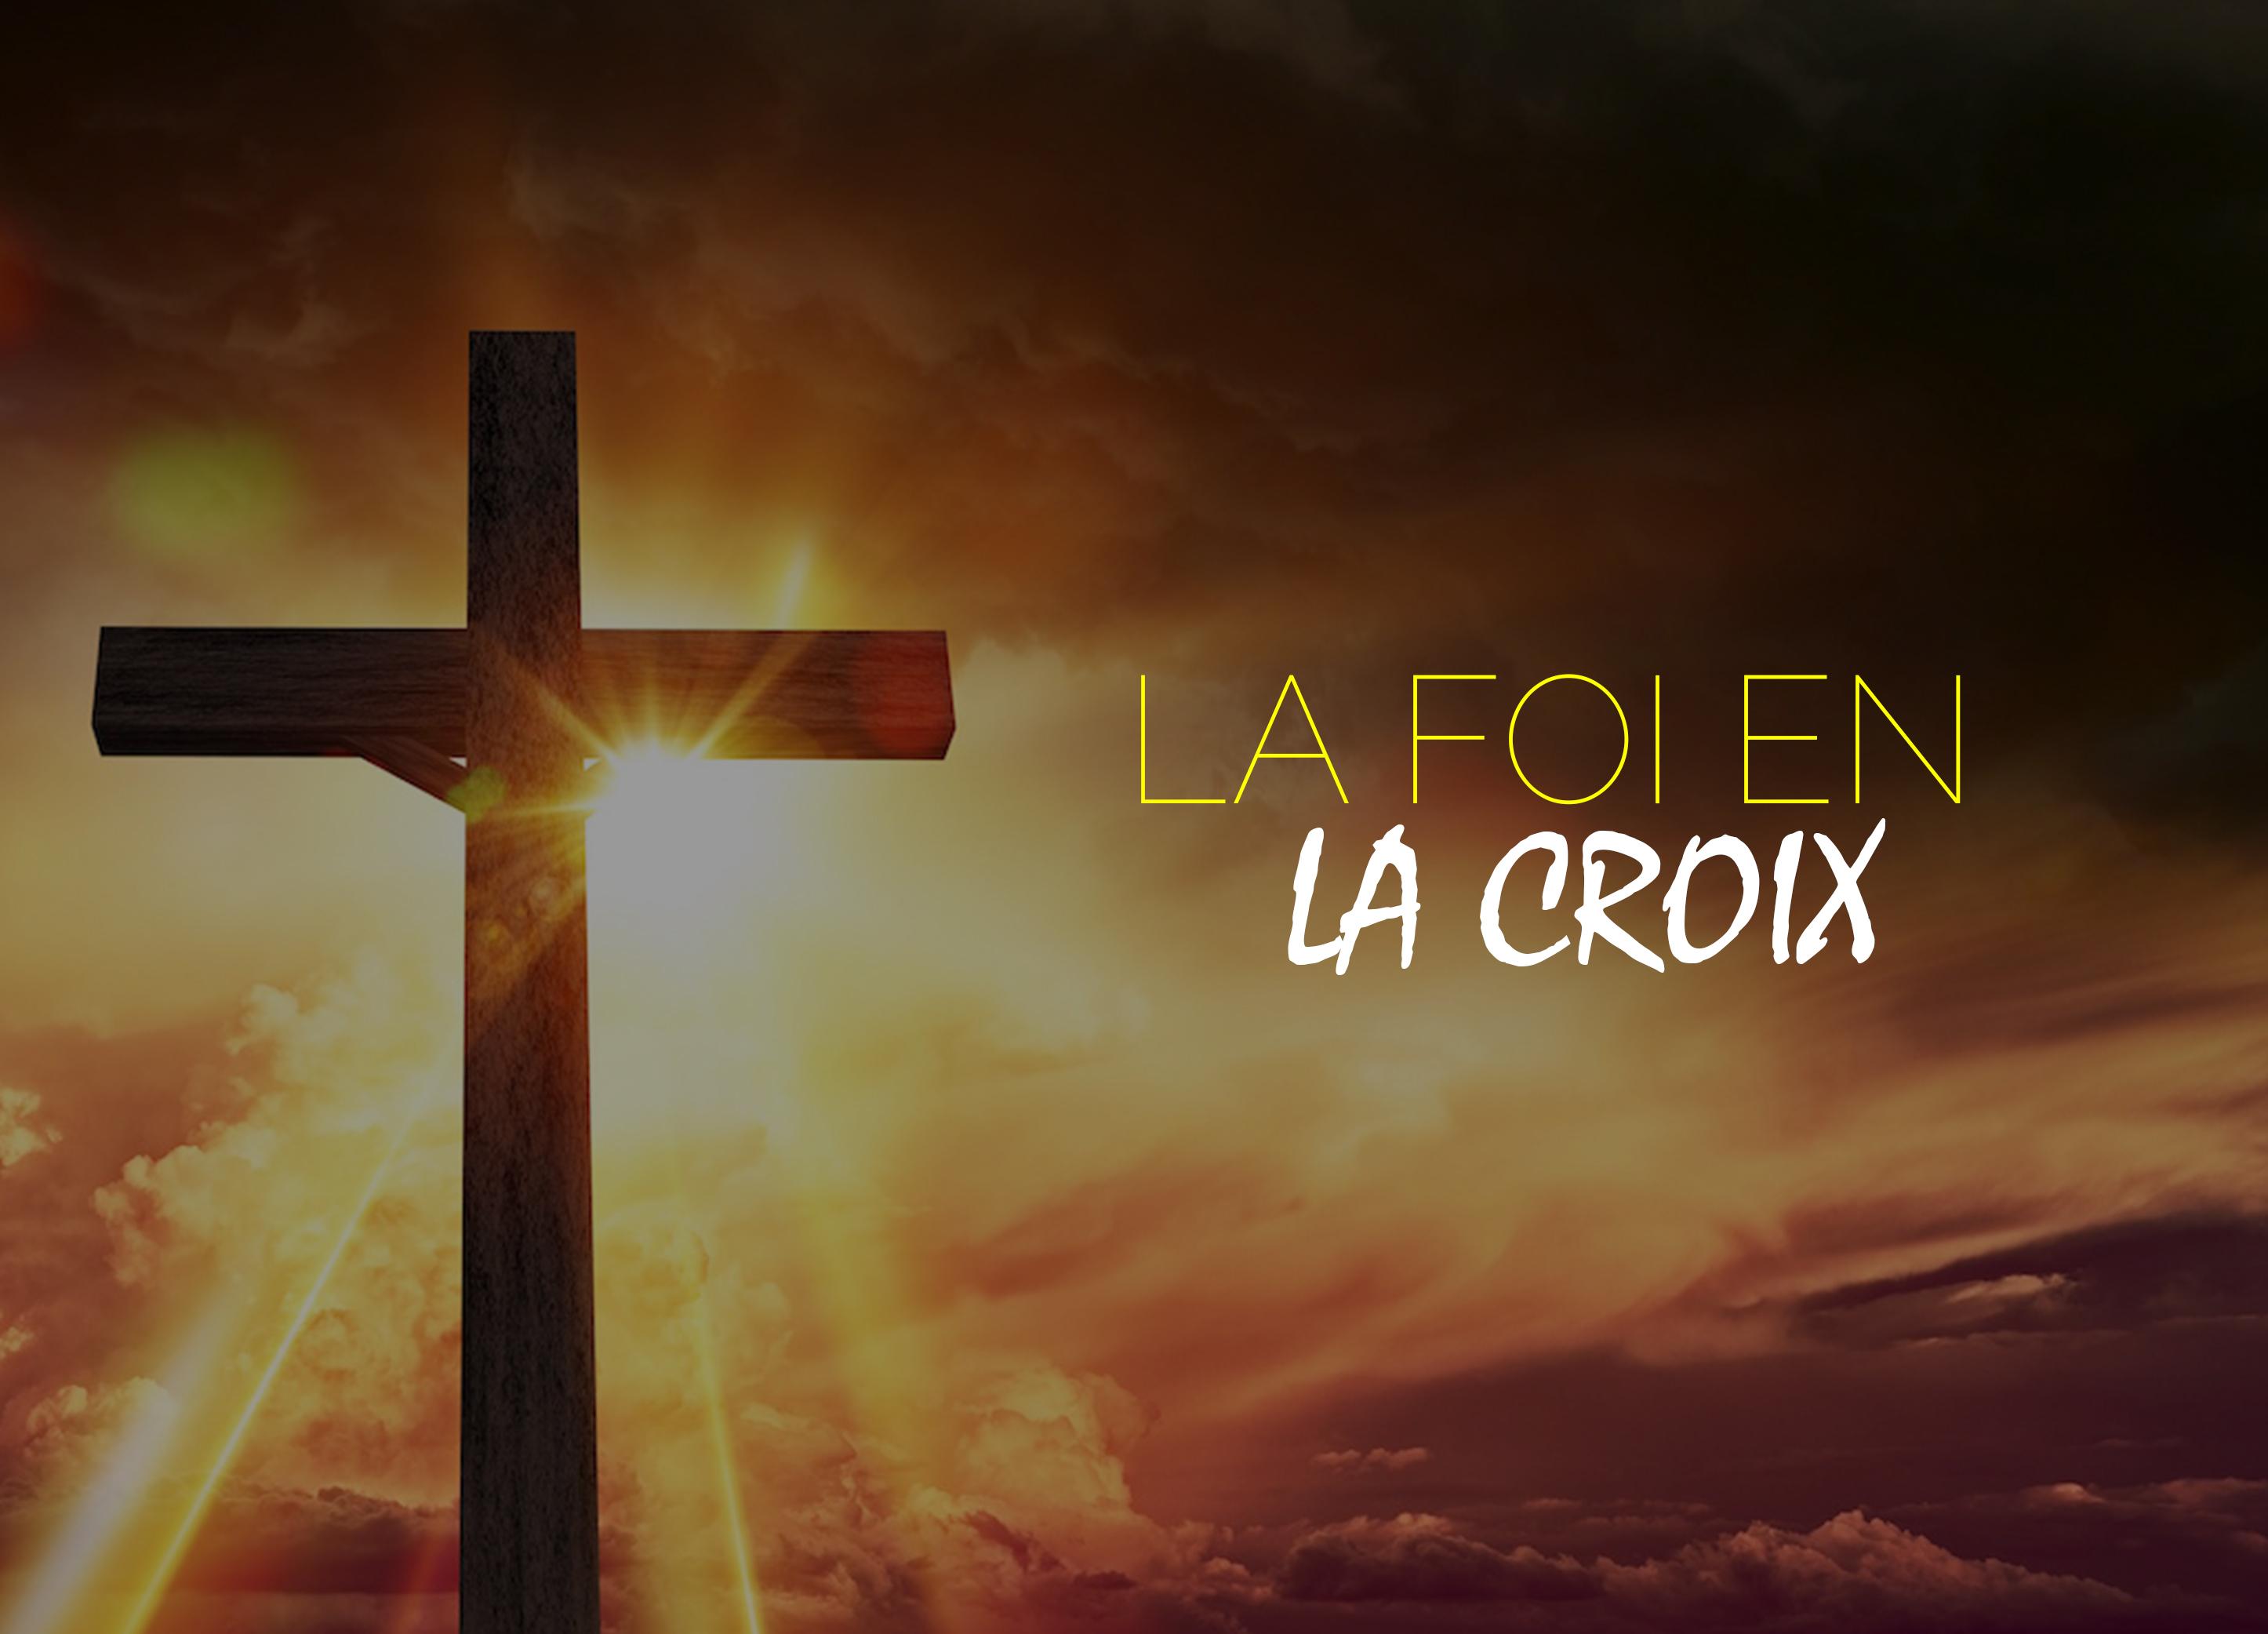 La Foi en la croix